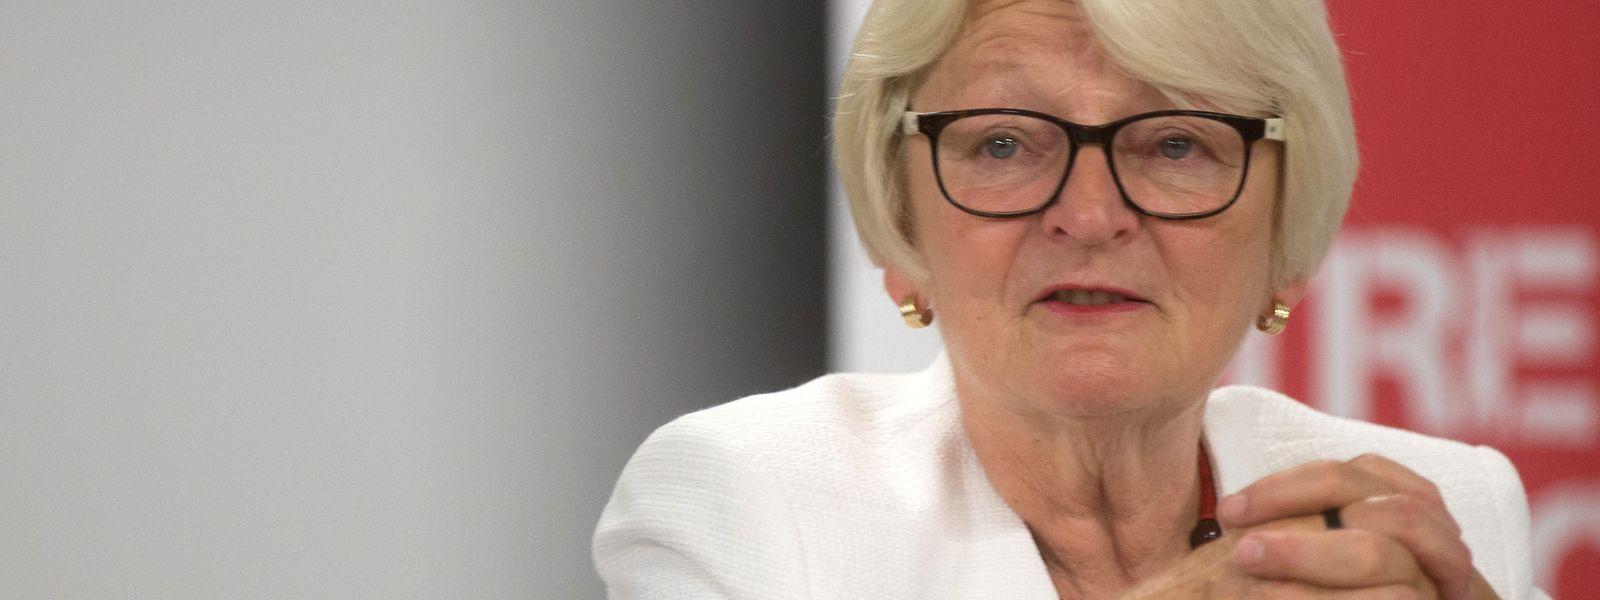 Marie-Josée Jacobs, ex-ministre CSV, s'est retirée de la scène politique en 2013 et préside Caritas Luxembourg depuis.